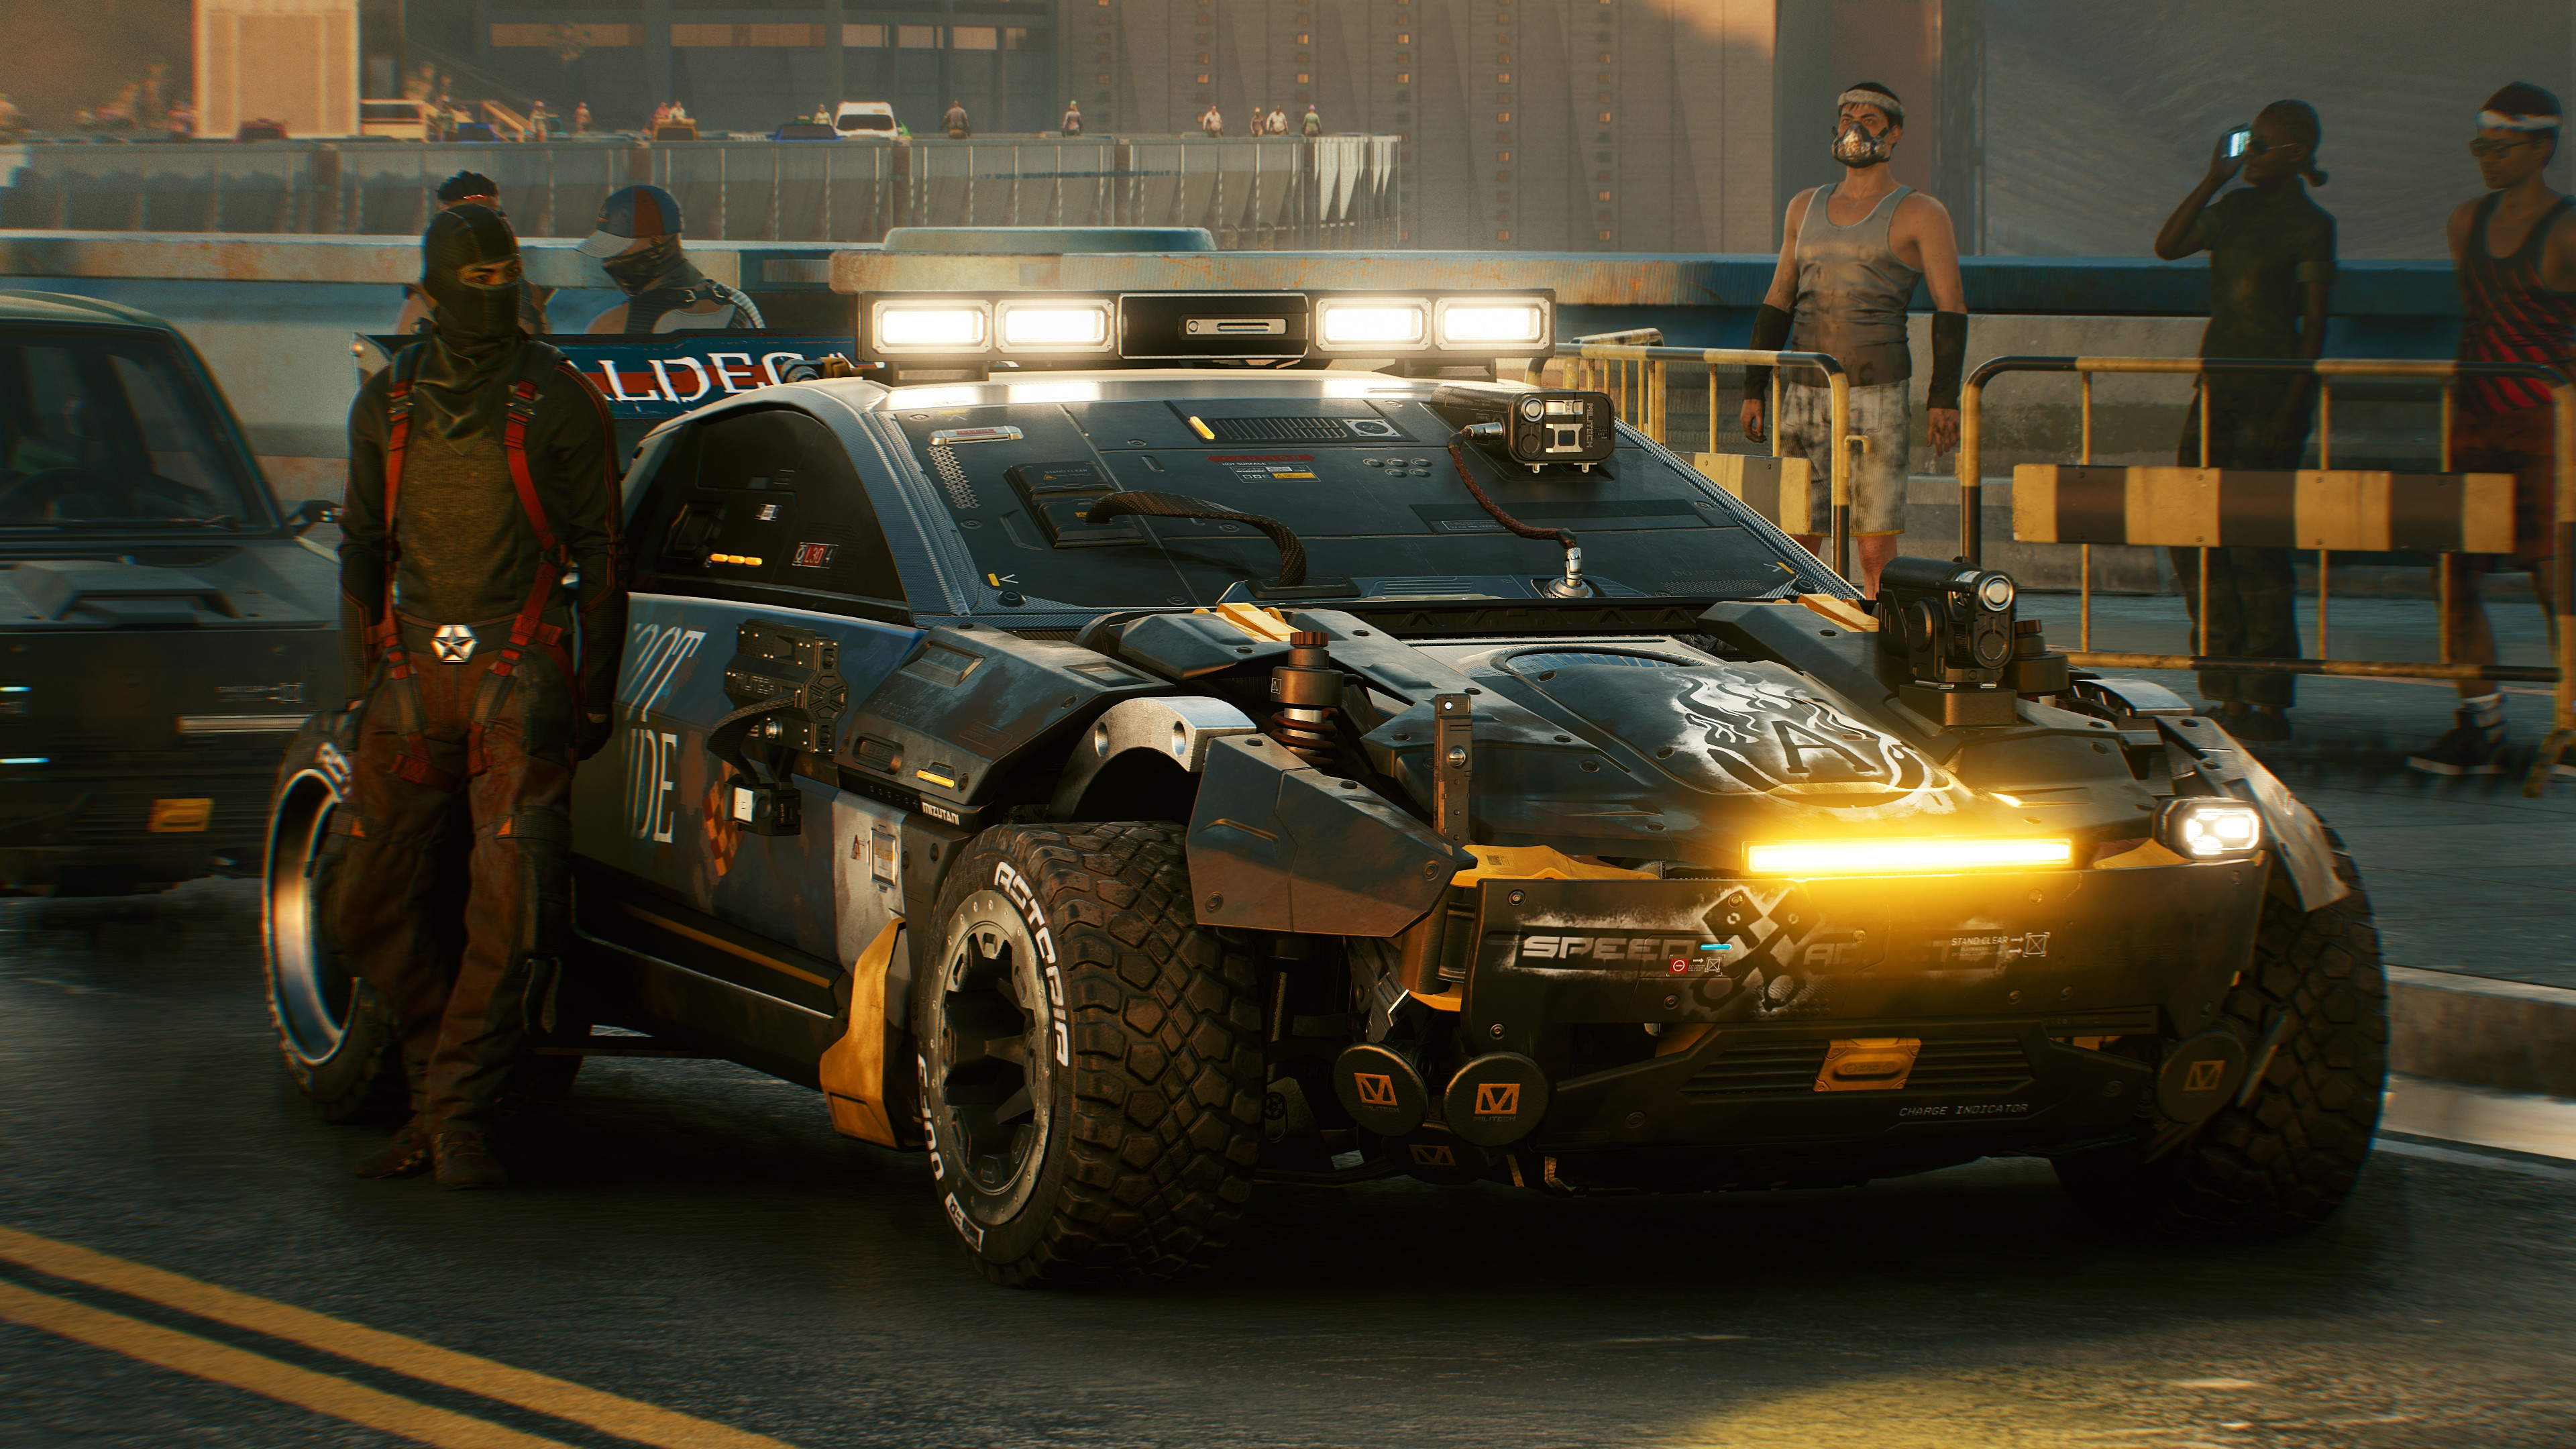 《赛博朋克2077》海量汽车截图 未来座驾保时捷911 Turbo